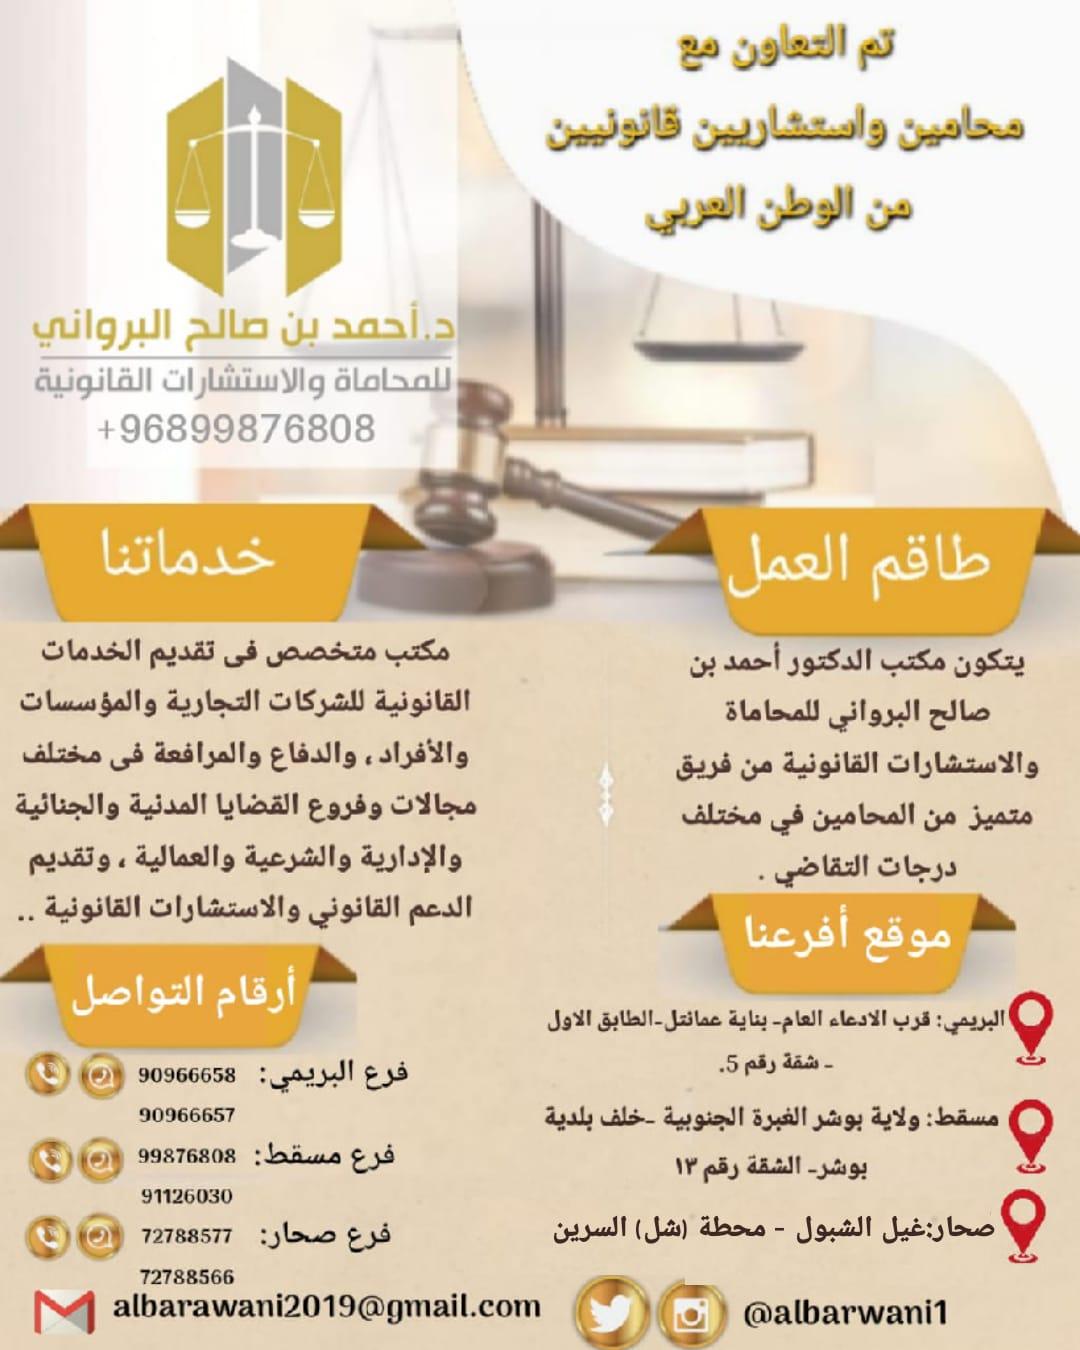 مكتب الدكتور أحمد البرواني